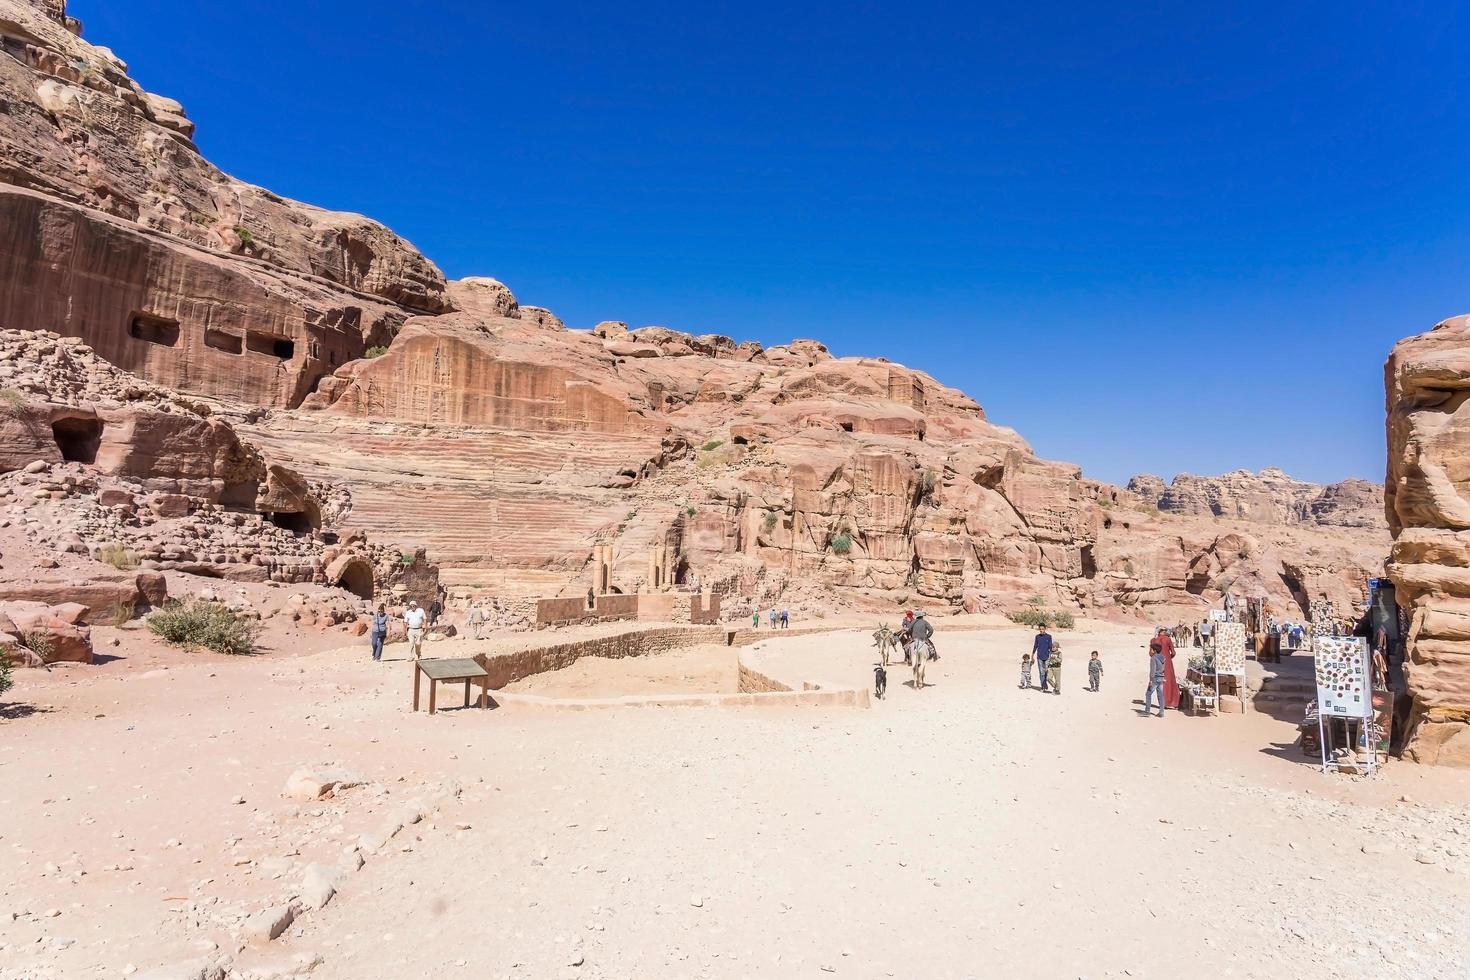 teatro antico di petra, giordania, 2018 foto